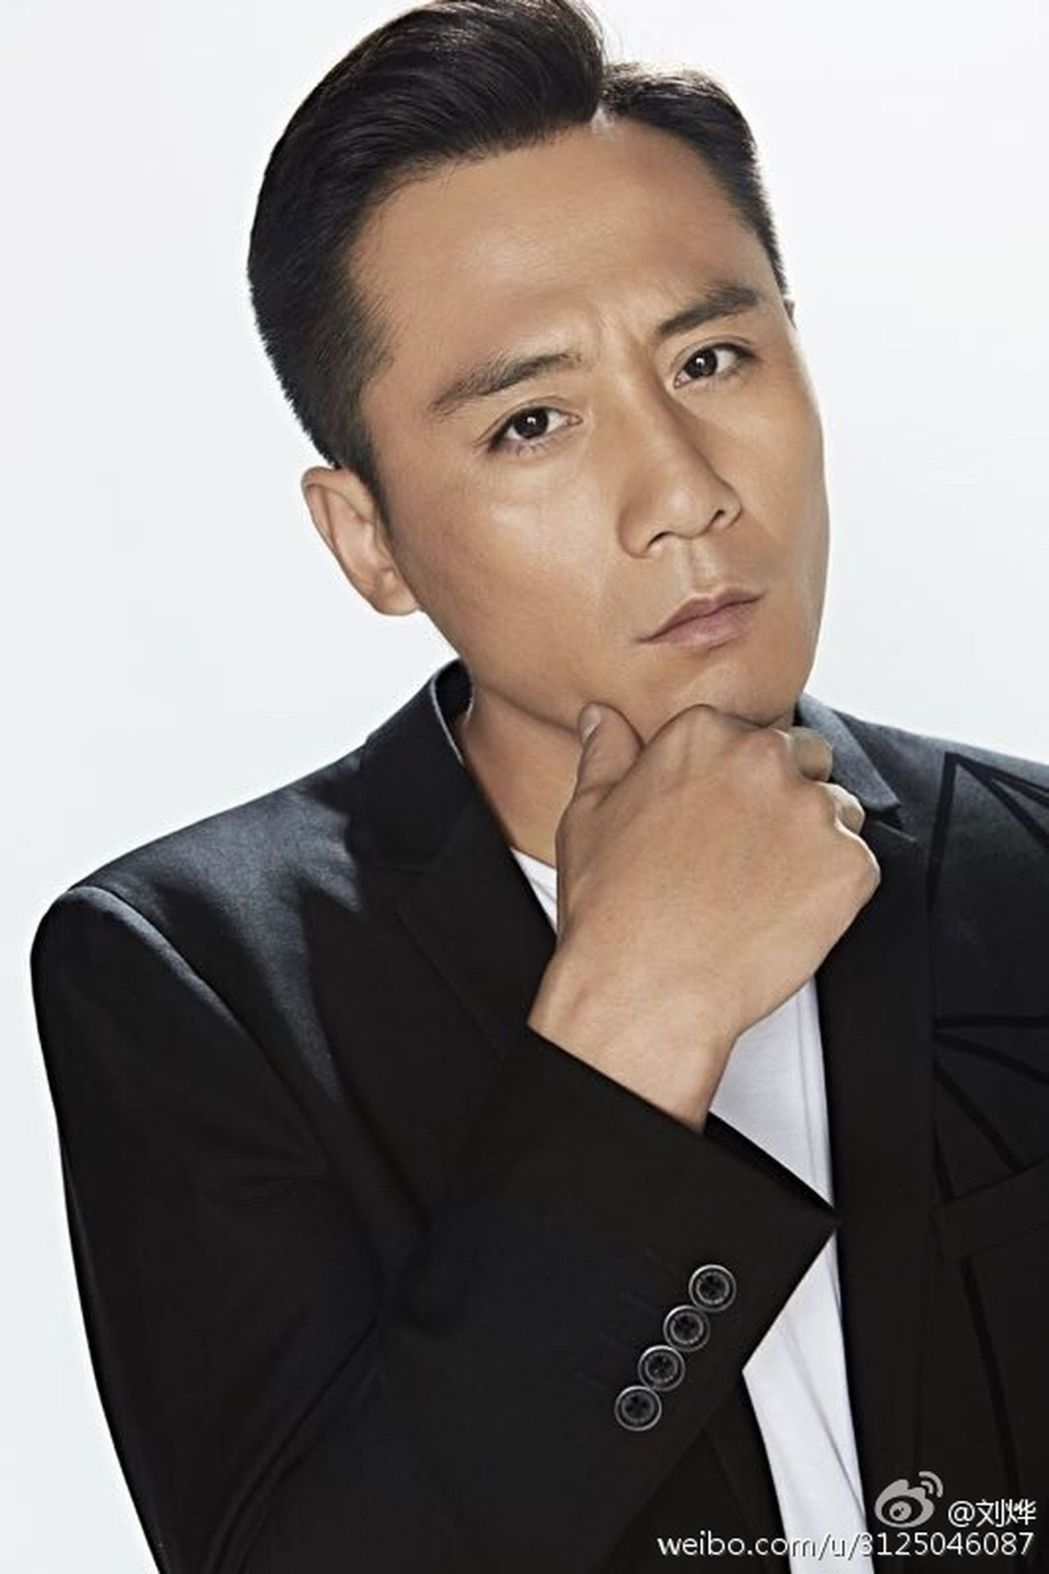 劉燁聲稱即將執導首部電影「鬼吹燈」。圖/摘自微博